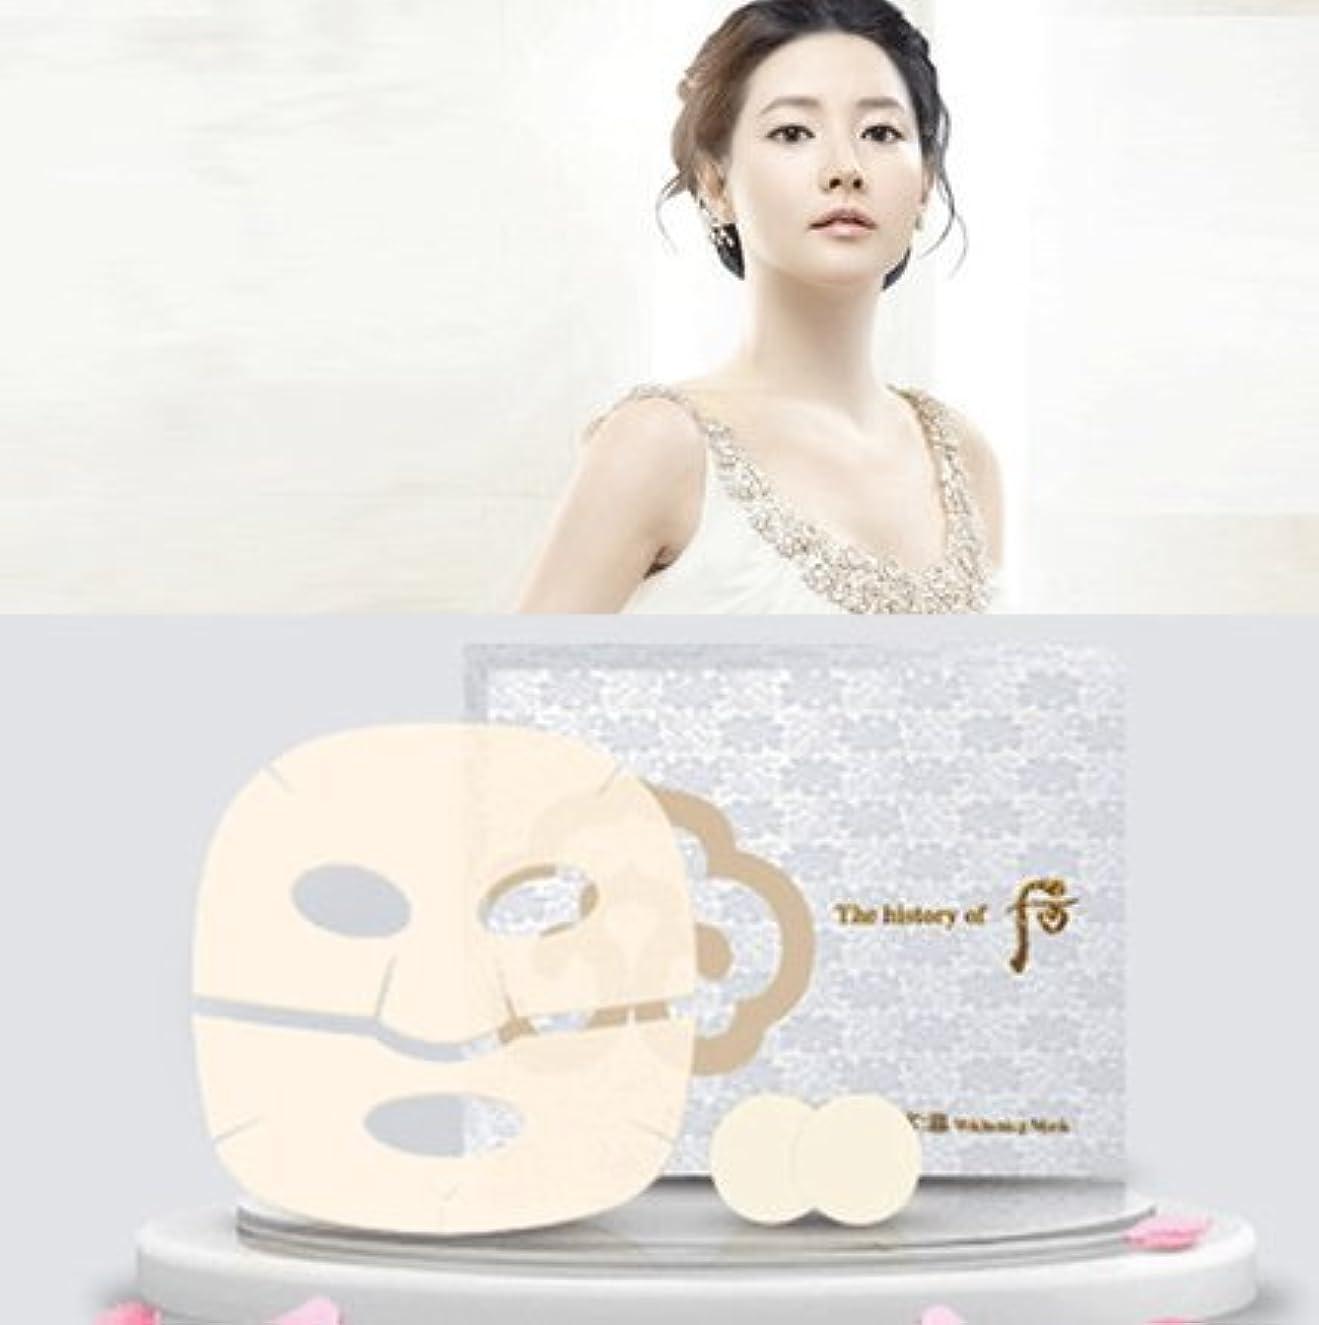 イソギンチャクルーキーキャメル【フー/The history of whoo] Whoo后 ゴンジンヒャン 美白 光 マスク8枚入/ Gongjinhyang Mask Sheet 8ea+ Sample Gift(海外直送品)